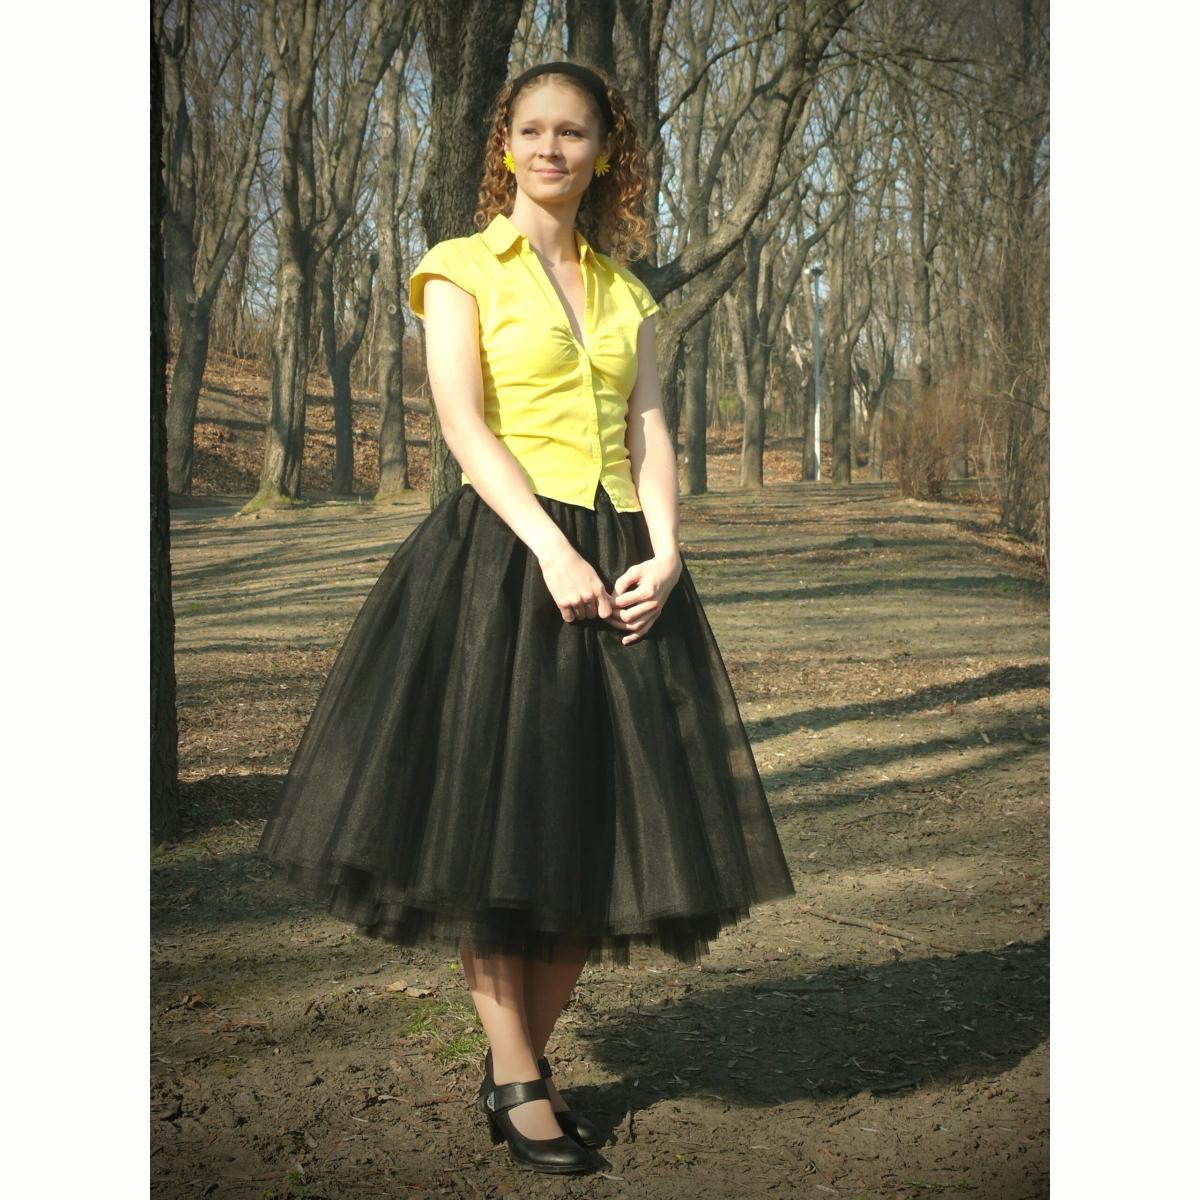 Černá tylová sukně   Zboží prodejce Princezna Pampeliška  97cec67372